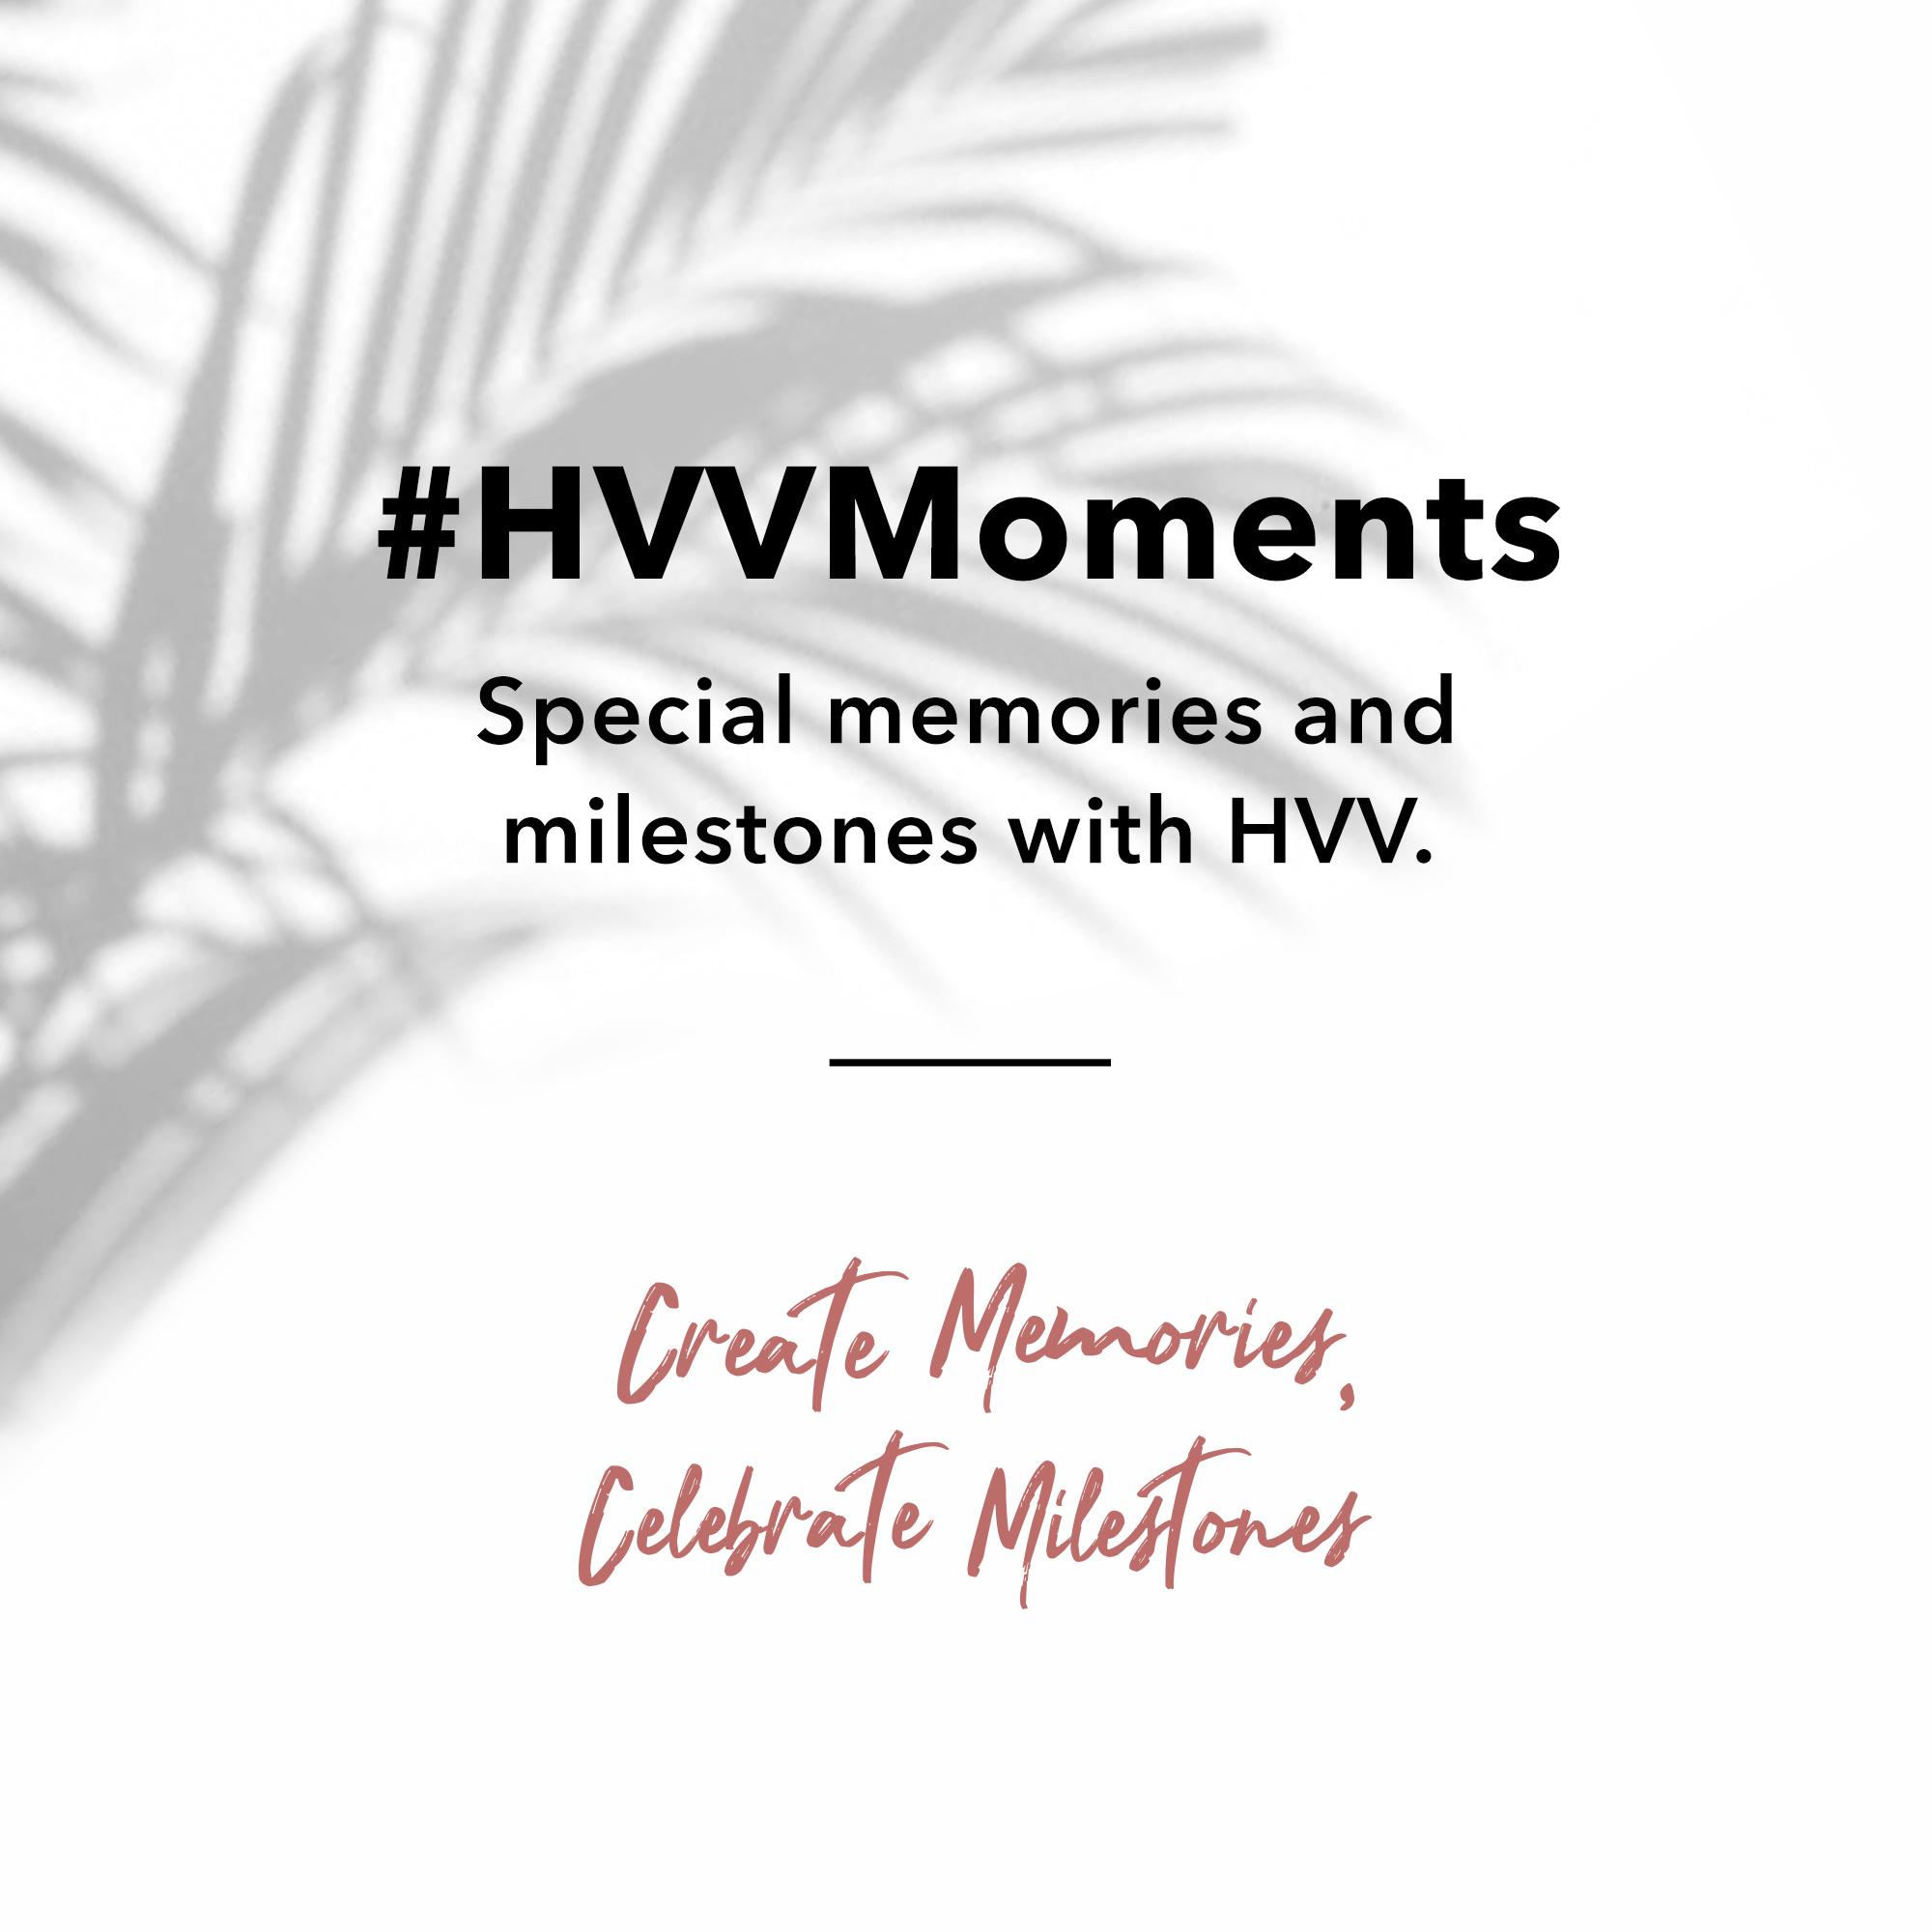 #HVVMoments